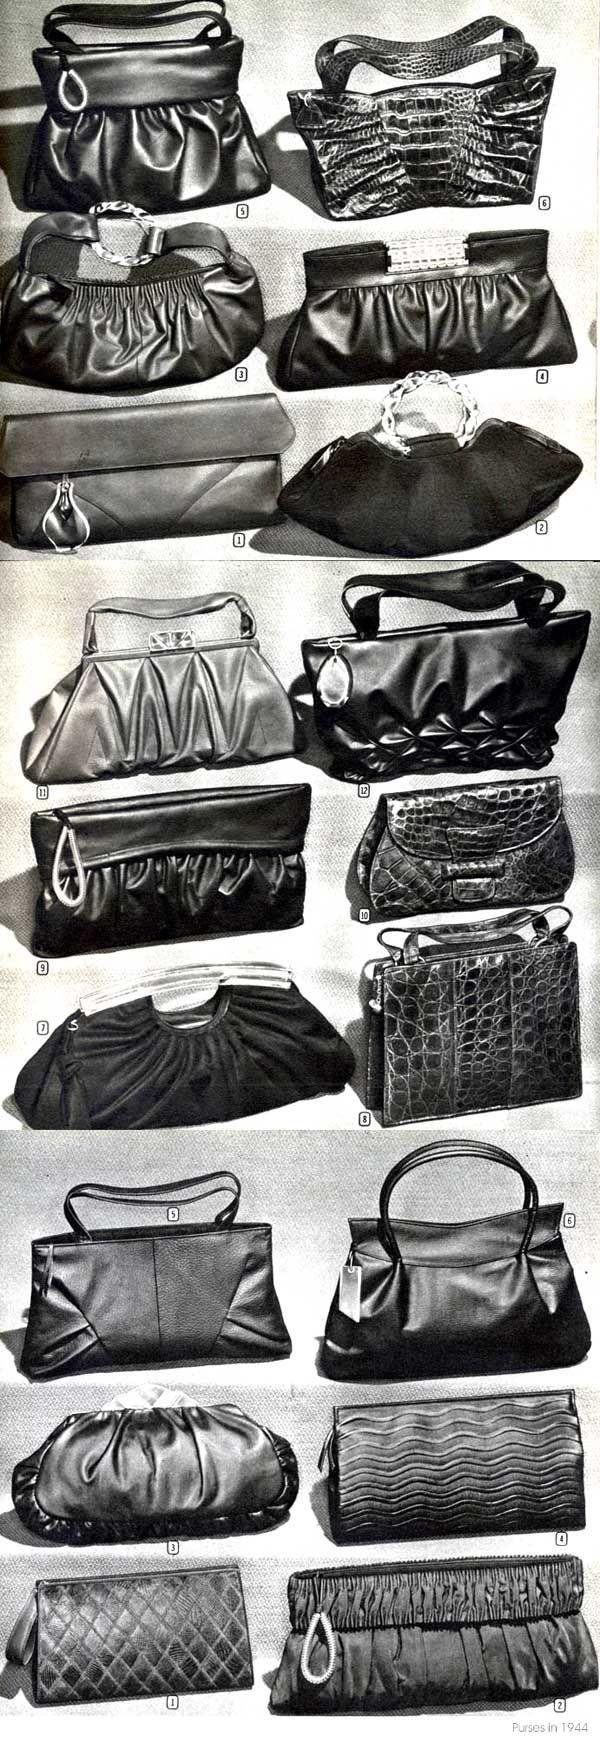 1940s Handbag Fashions purse catalogue photo illustration vintage style war era bag clutch handle cloth leather  Diese und weitere Taschen auf www.designertaschen-shops.de entdecken